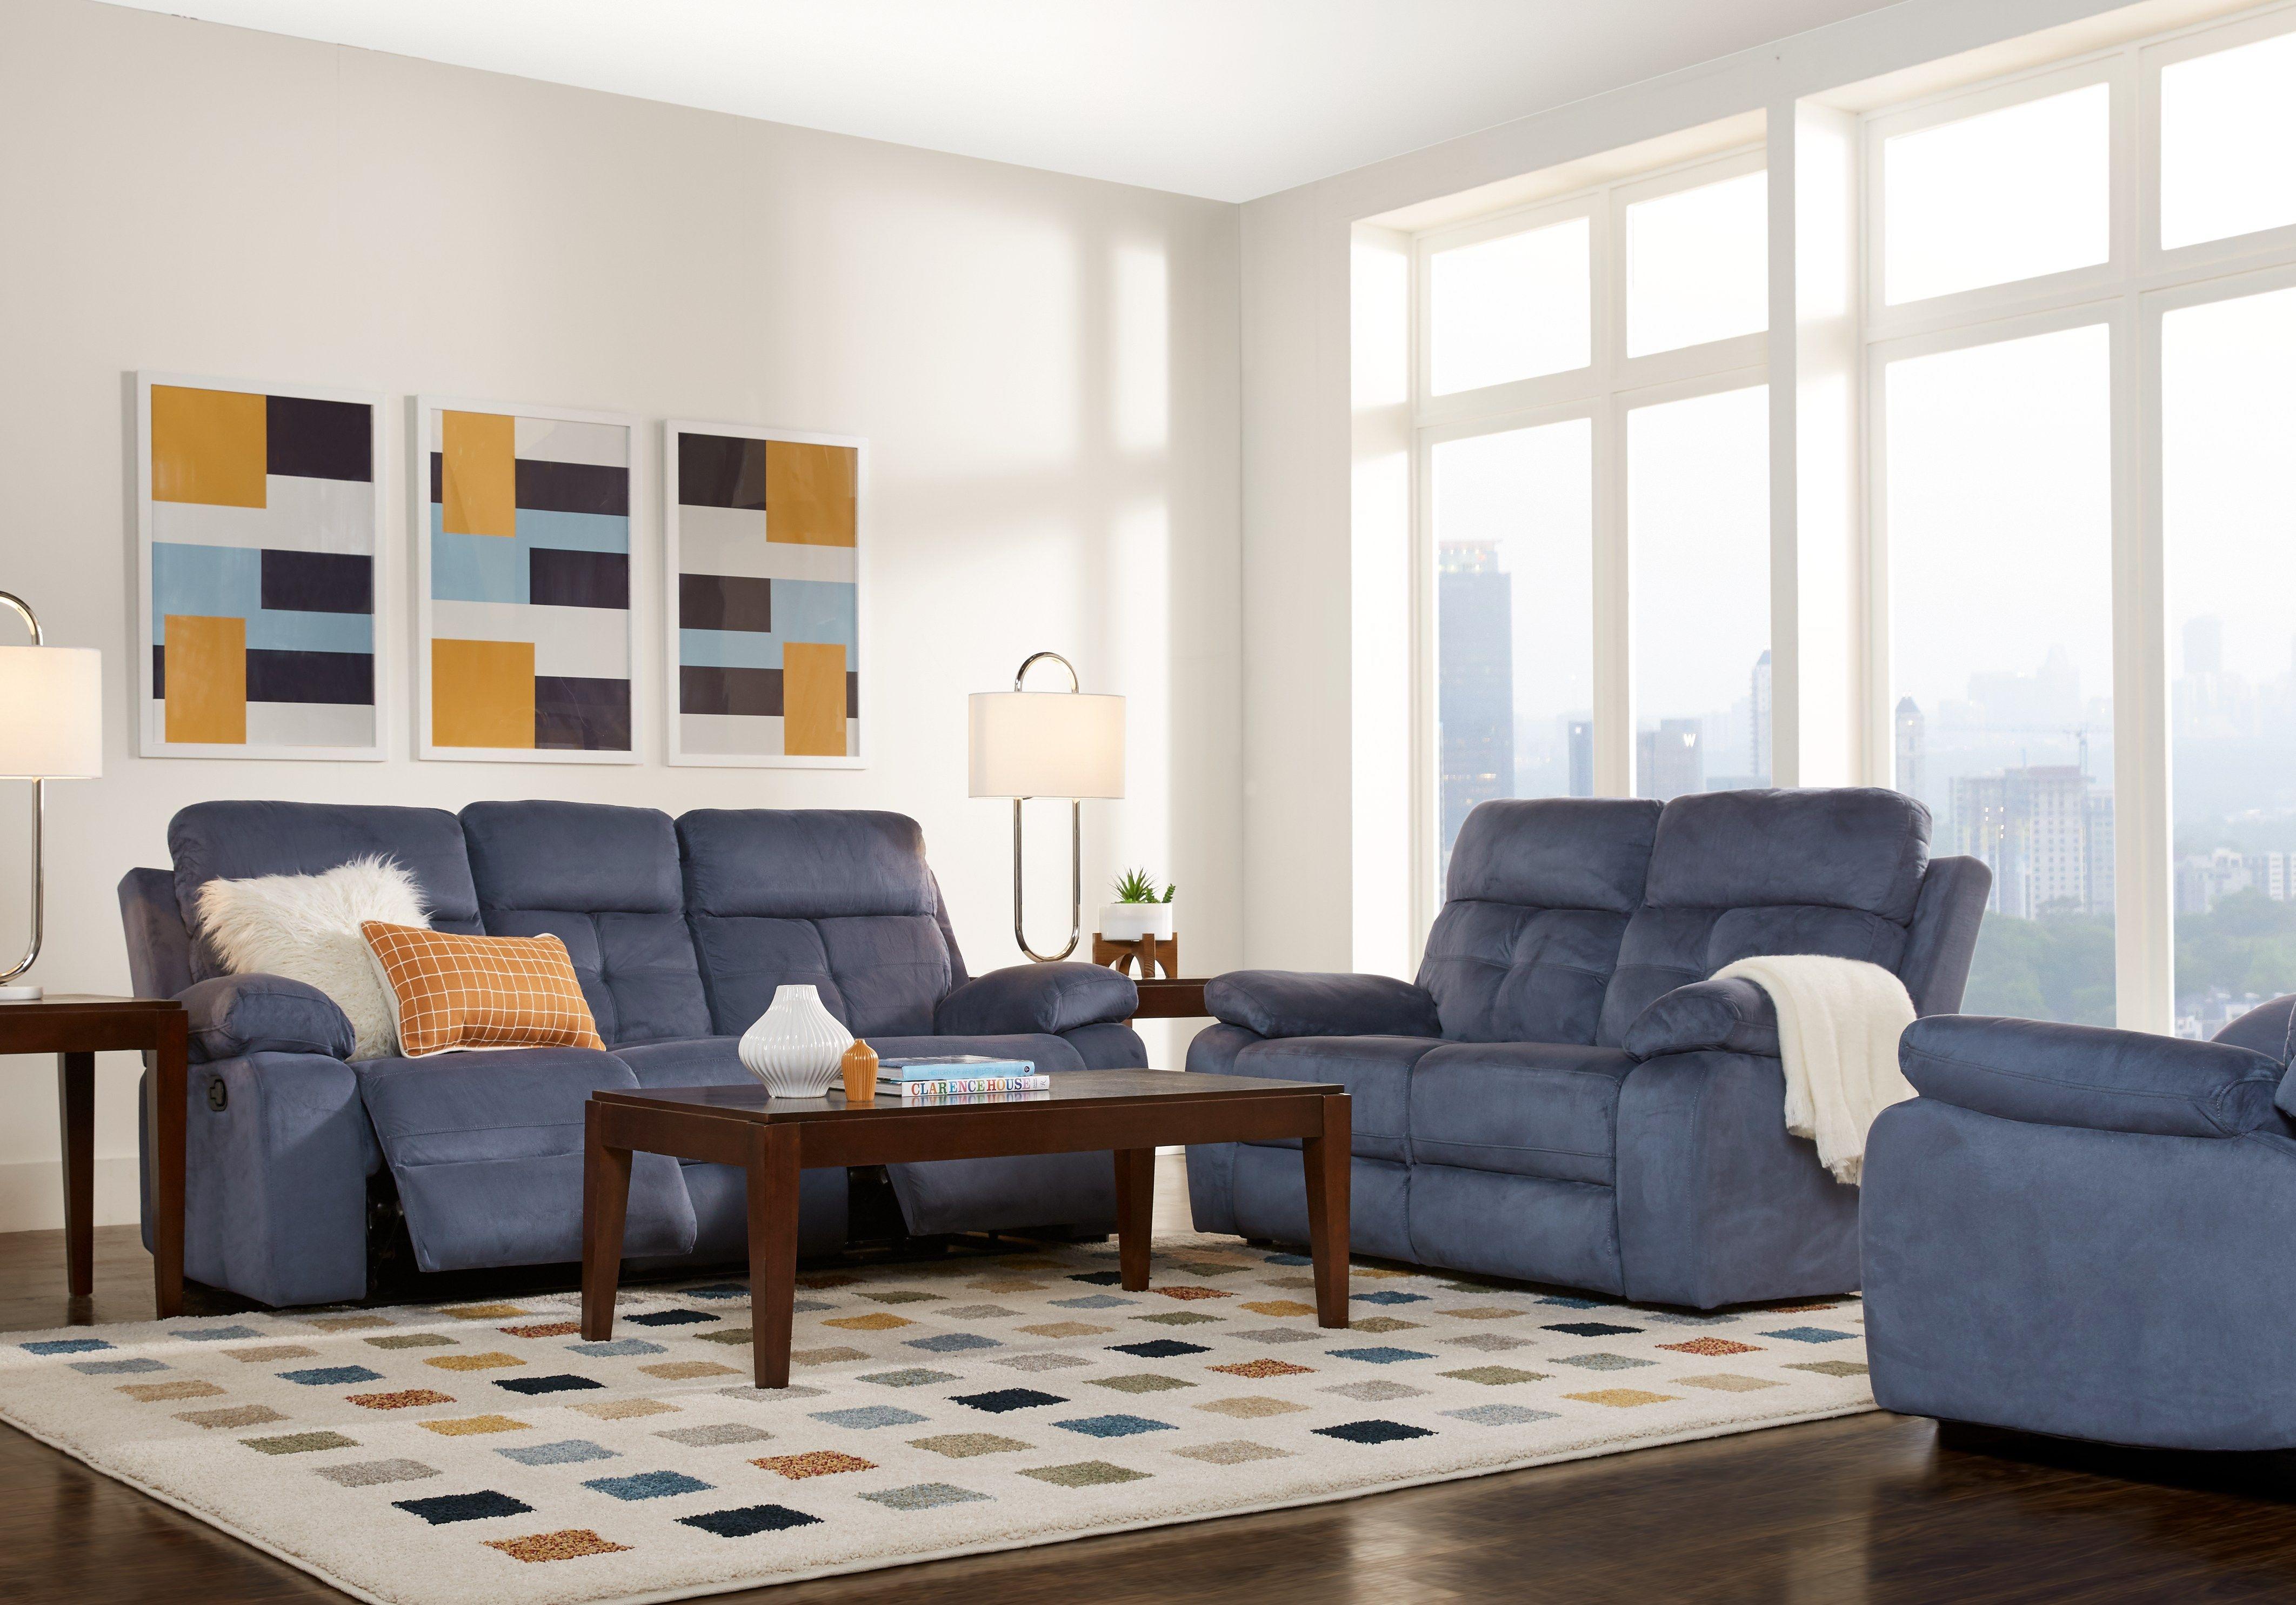 10+ Stunning Recliner Sofa Living Room Ideas